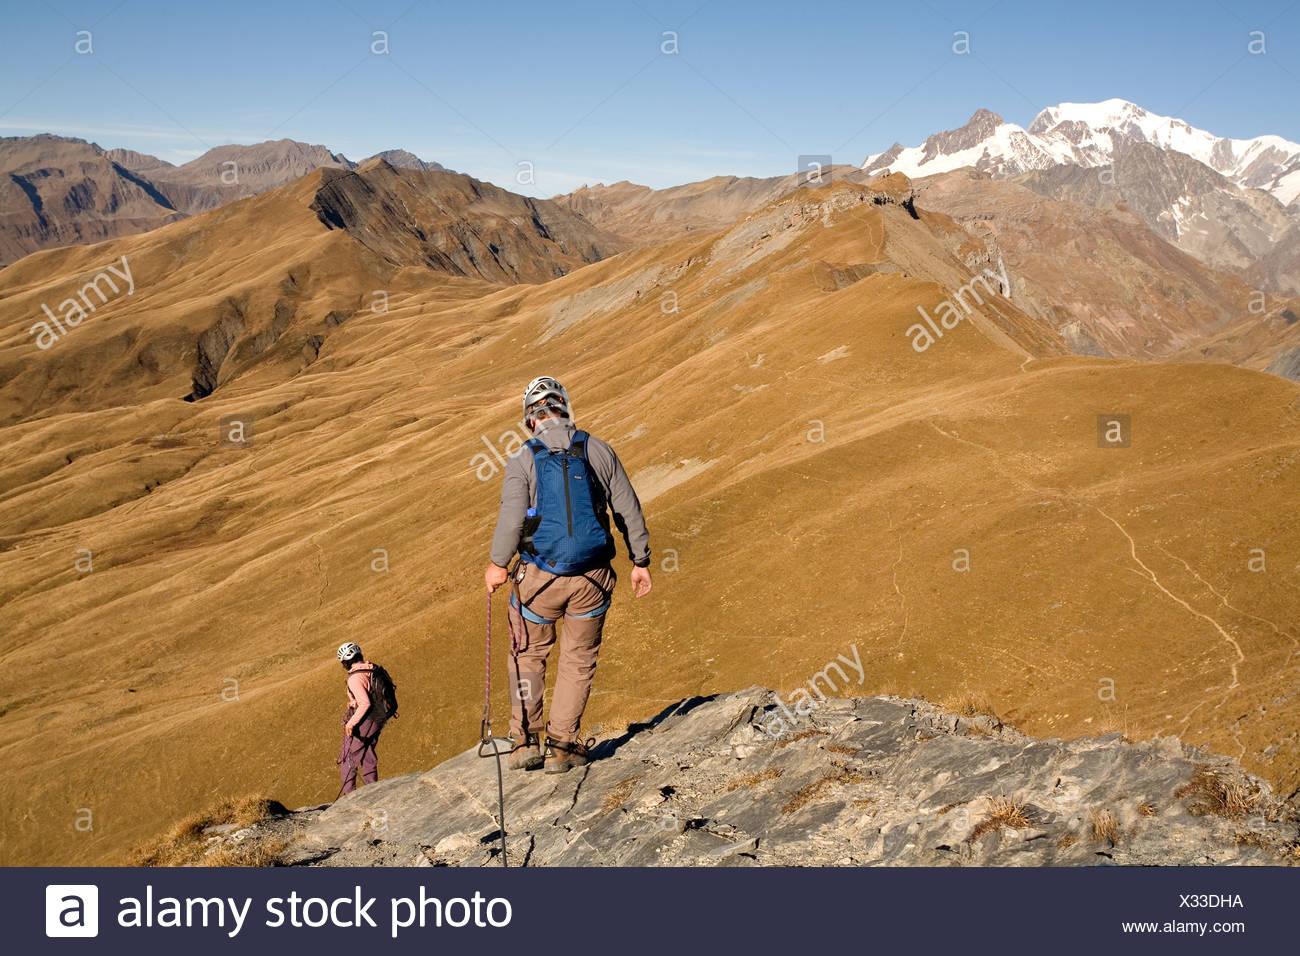 Due persone scendendo una scogliera mentre l'impegno nello sport della Via Ferrata nelle Alpi francesi. Immagini Stock